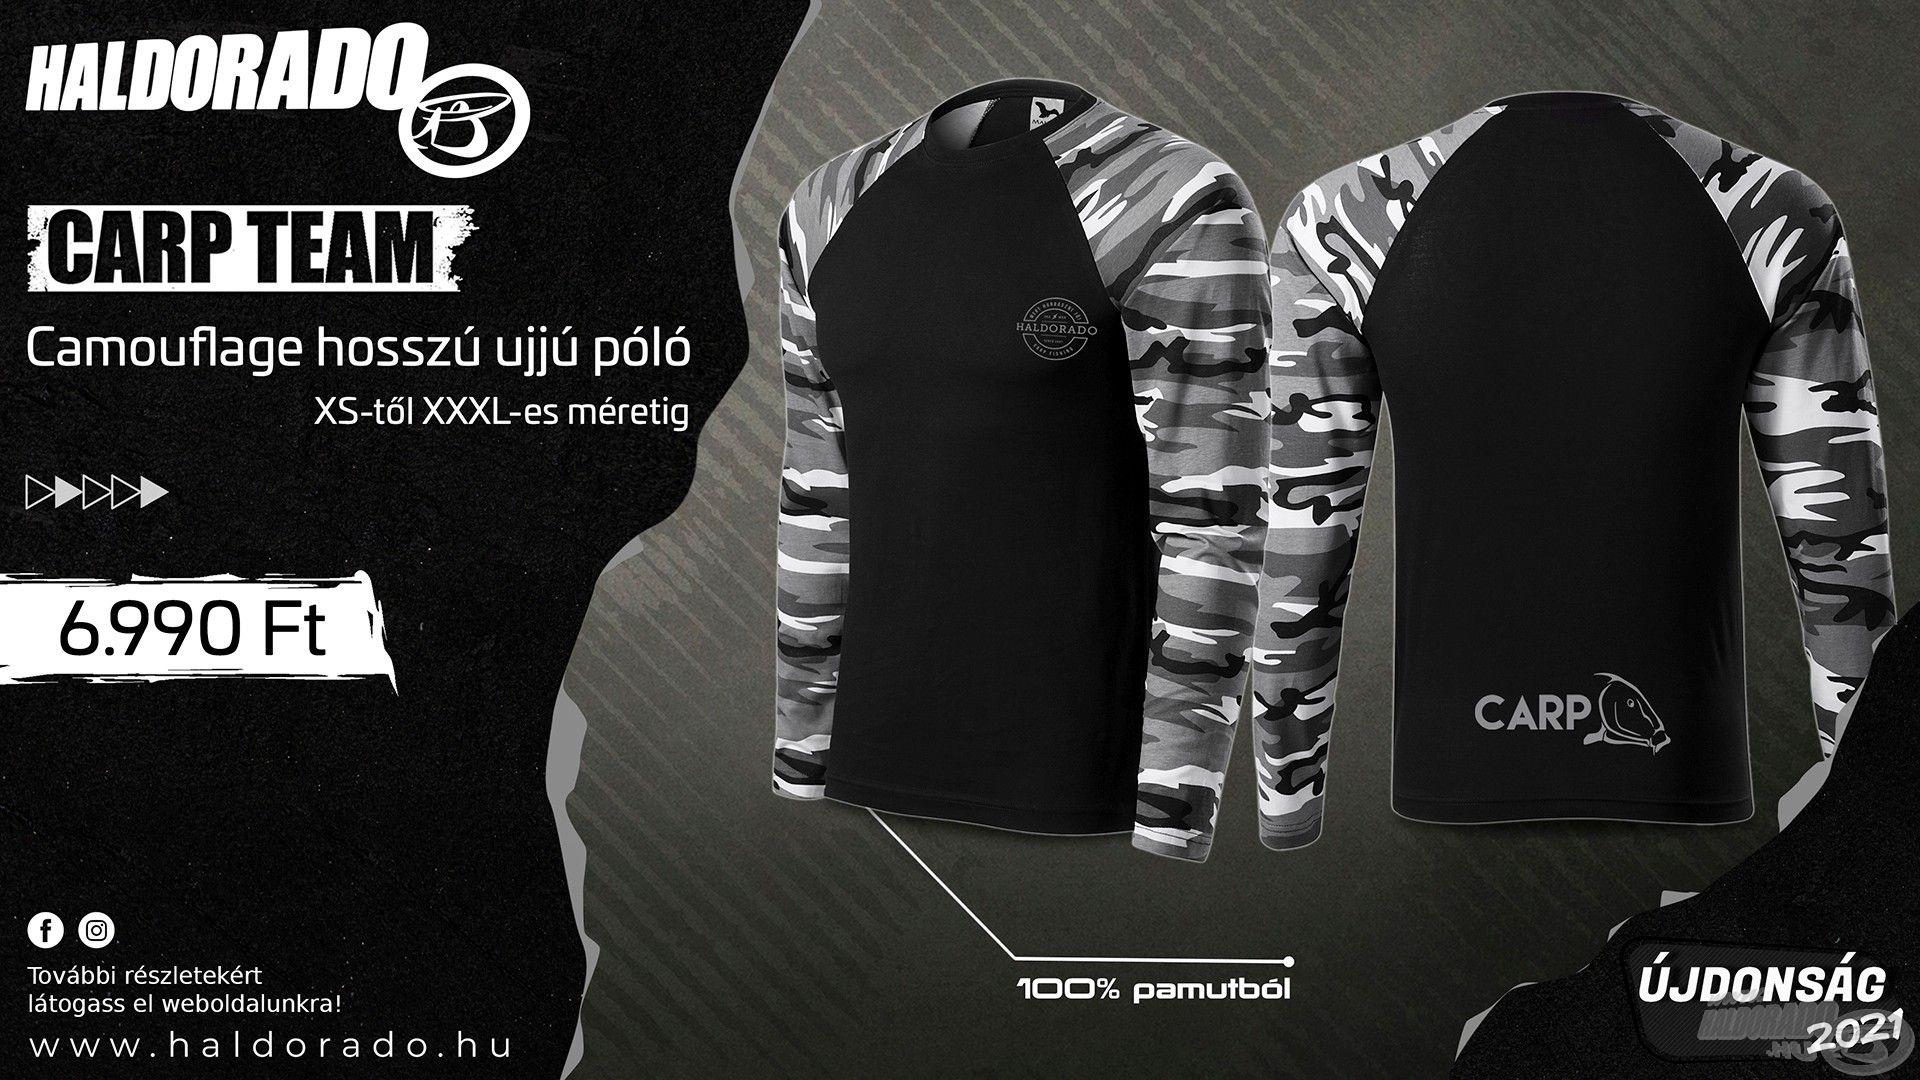 A Carp Team Camouflage hosszú ujjú pólókkal szintén újabb, extra vagány és divatos tagokkal bővült a saját fejlesztésű, Haldorádó ruházataink kínálata!